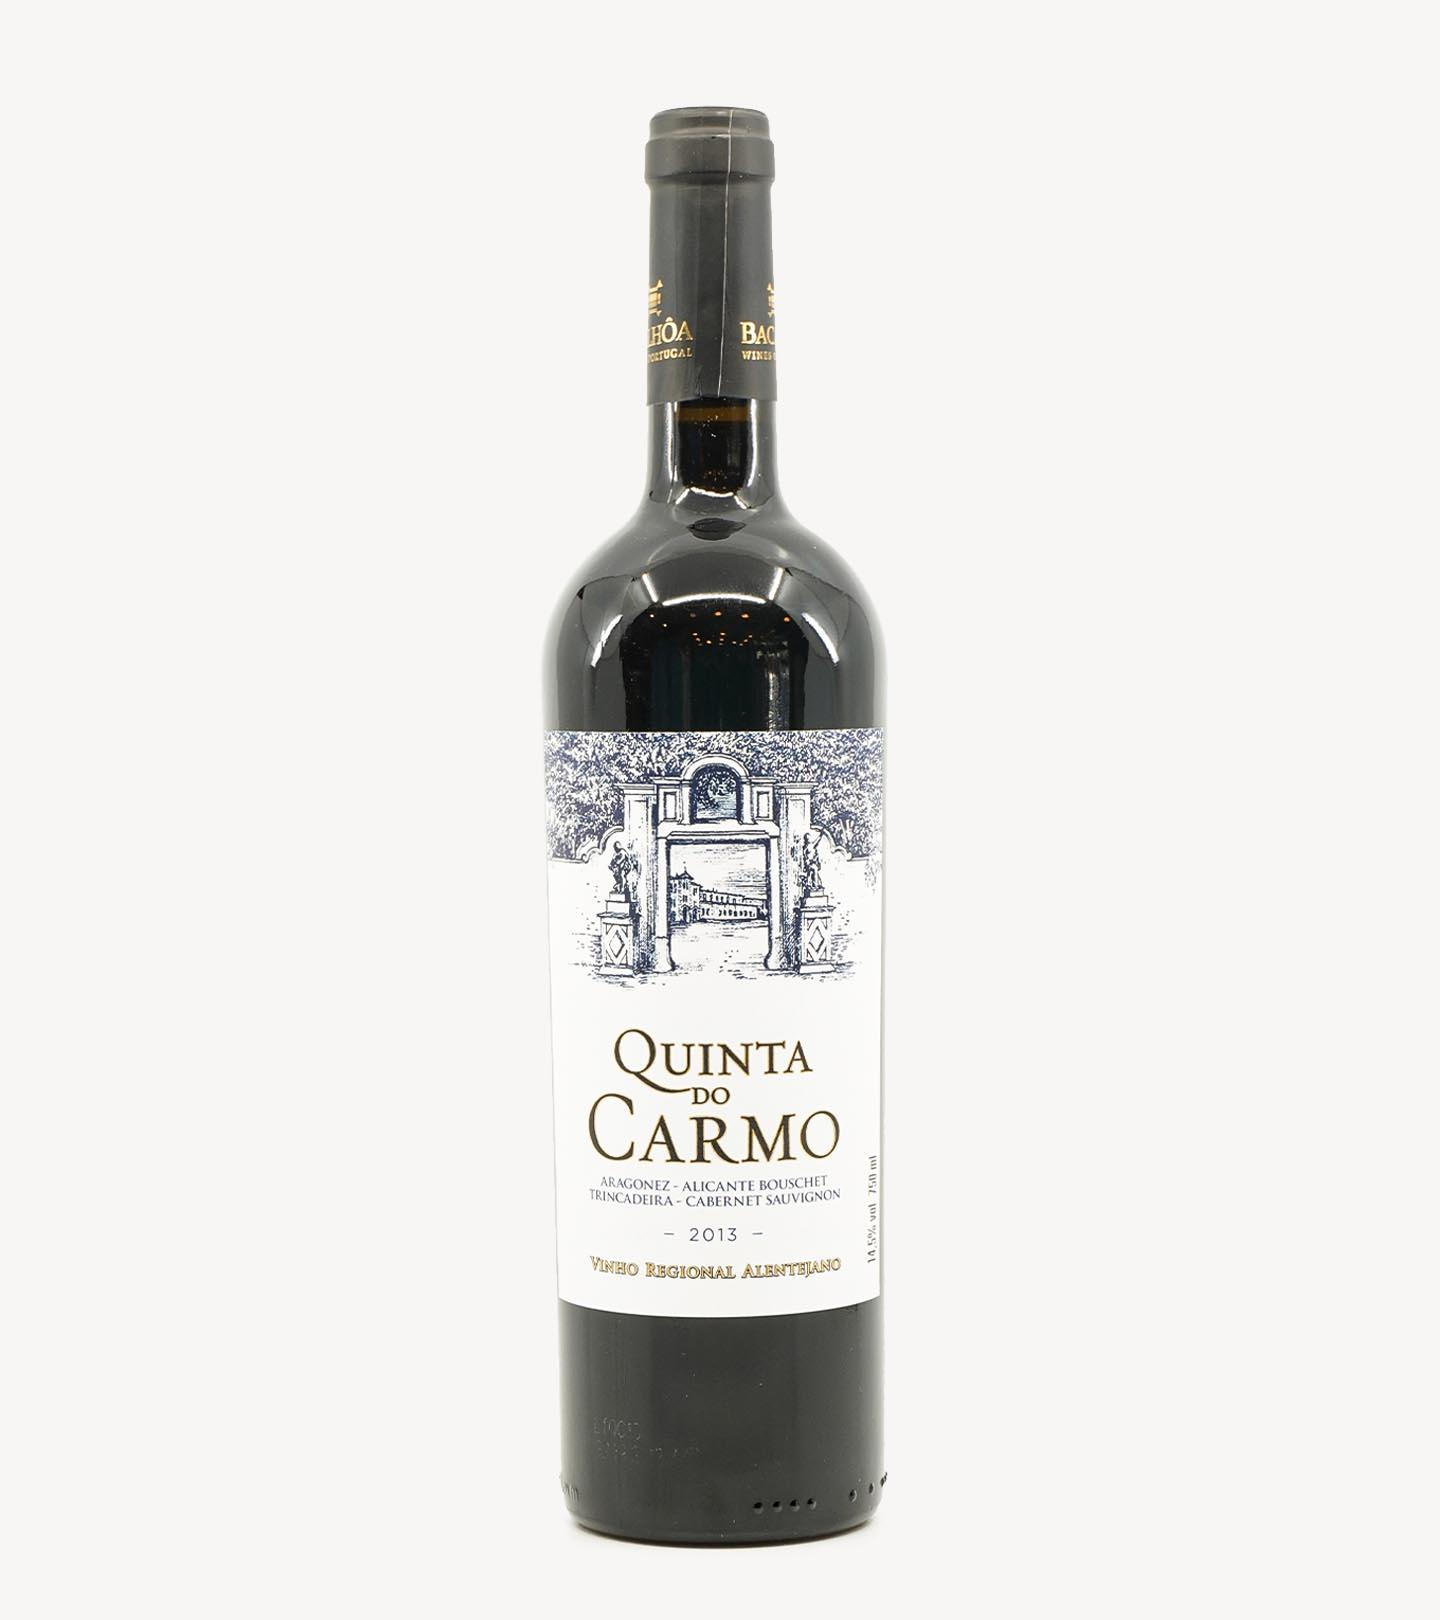 Vinho Tinto Alentejano Quinta do Carmo 75cl